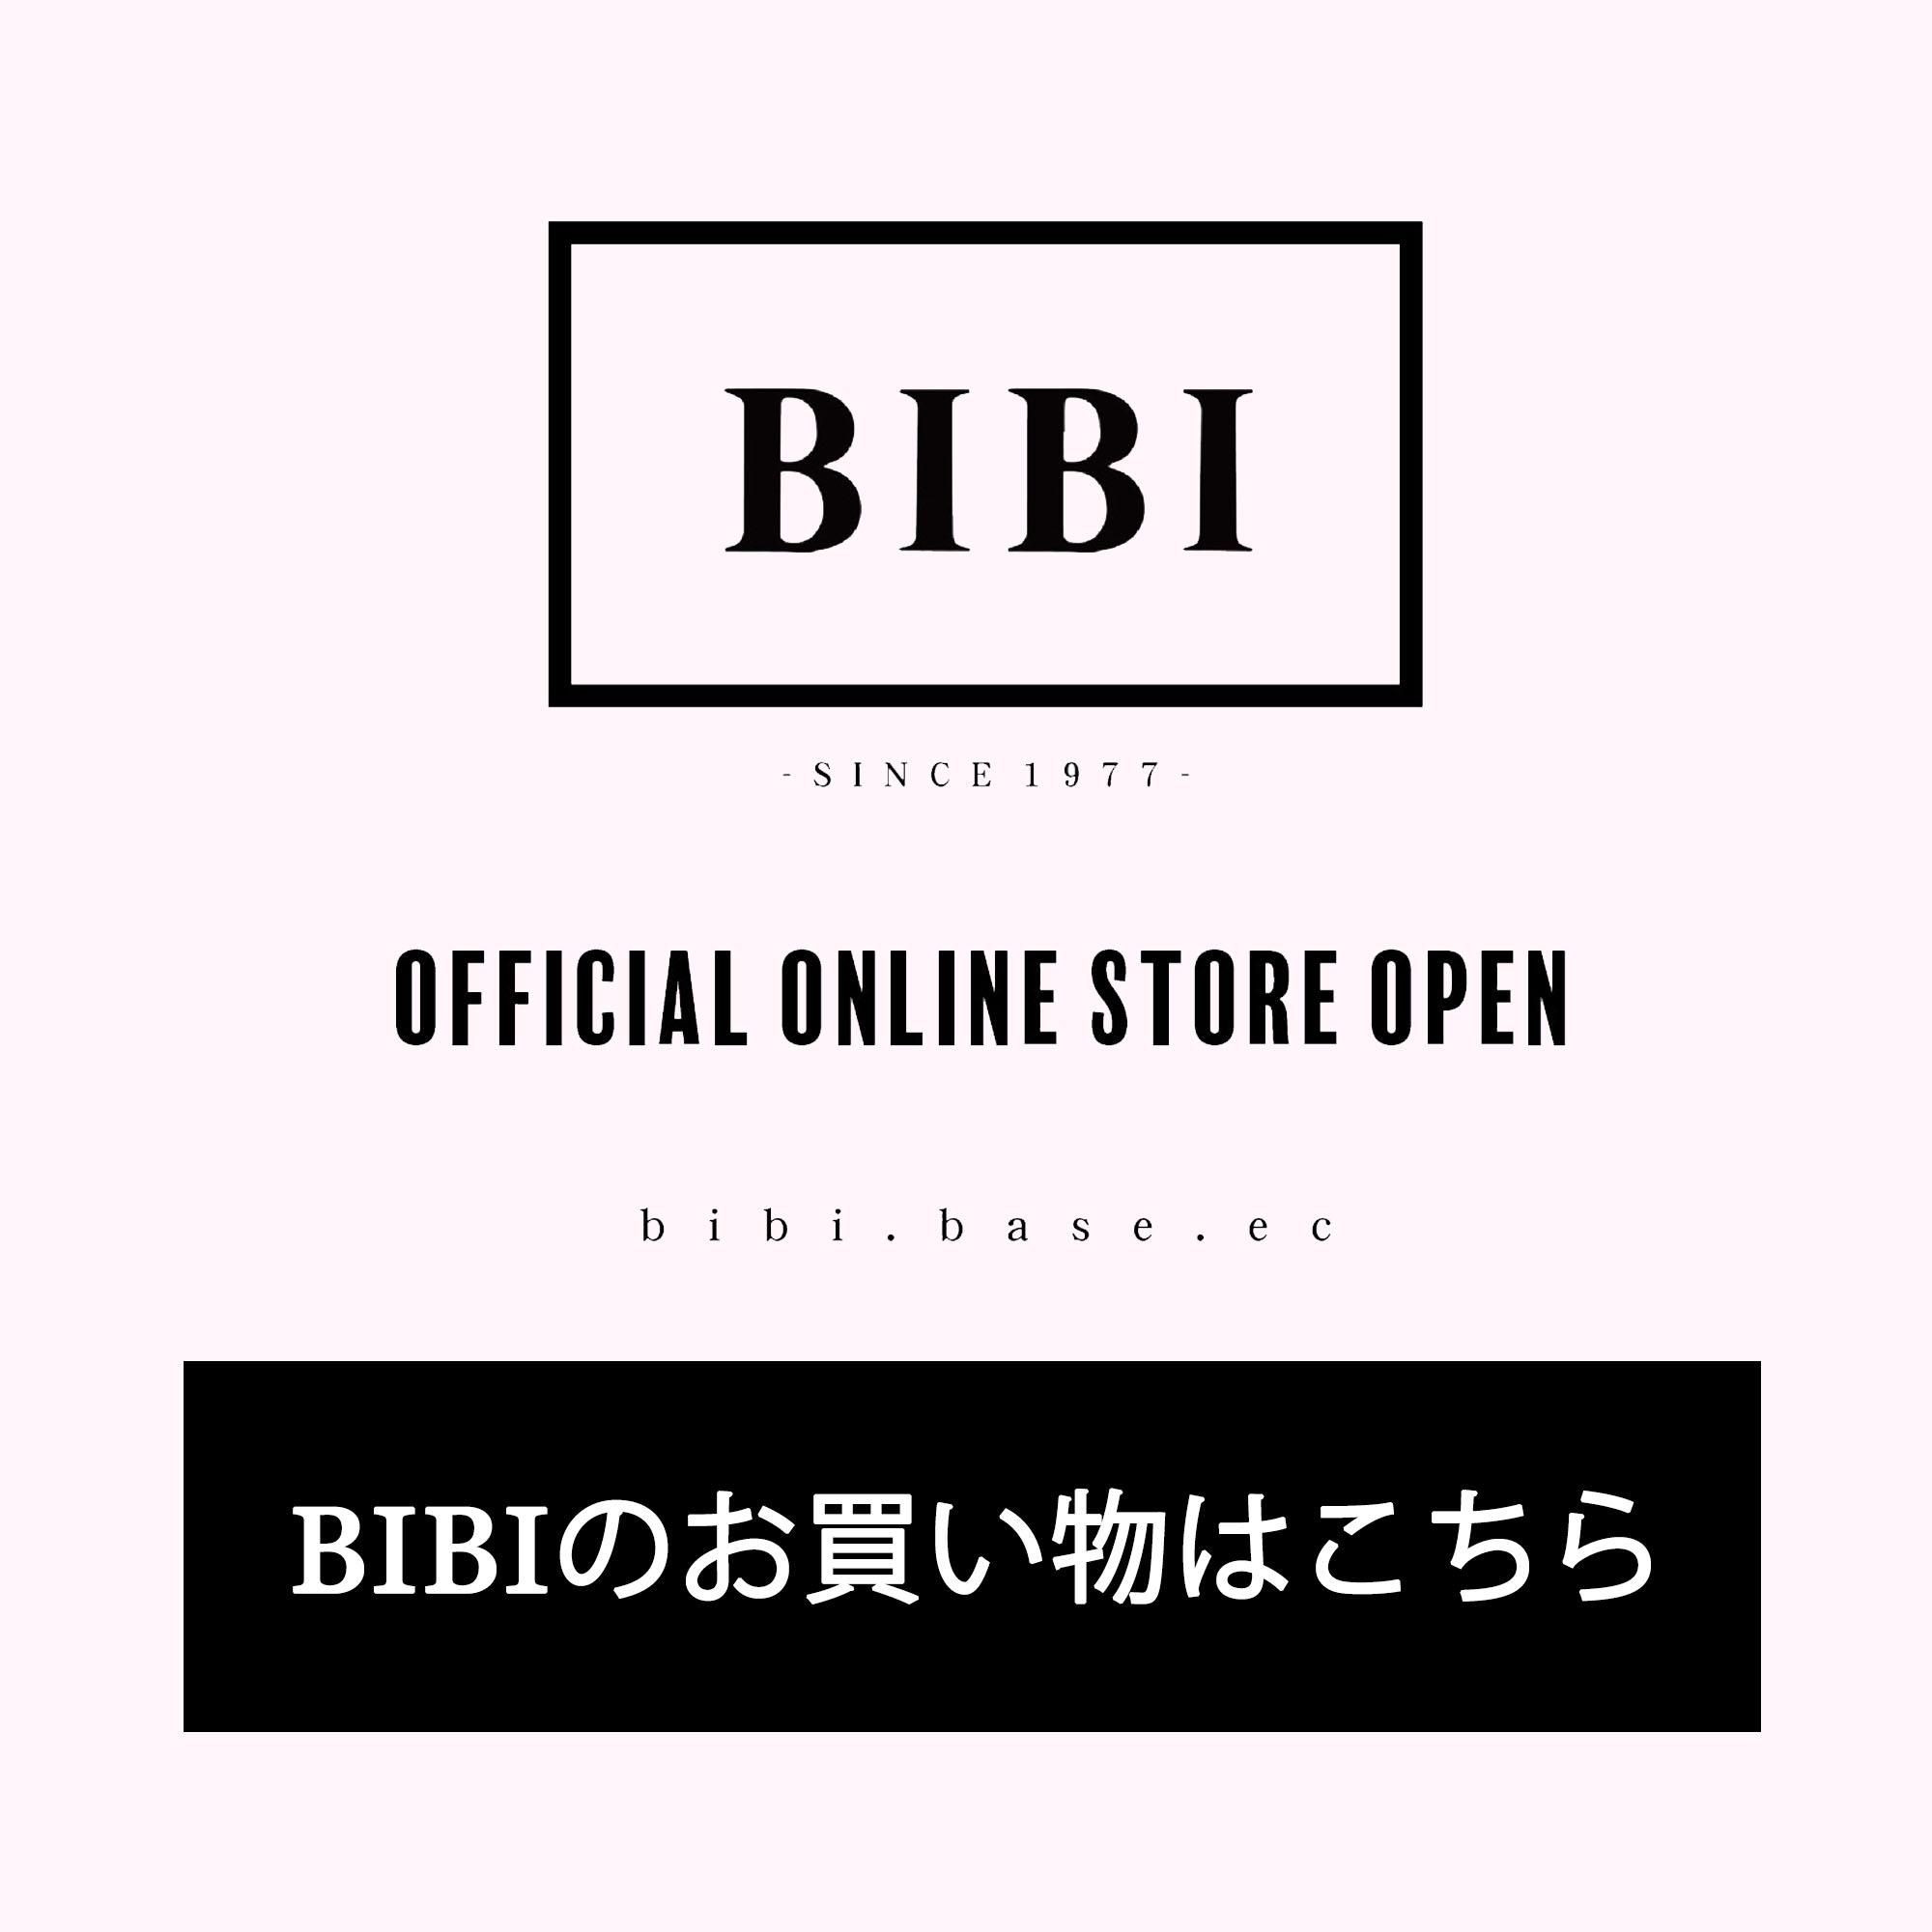 BIBI公式オンラインショップ